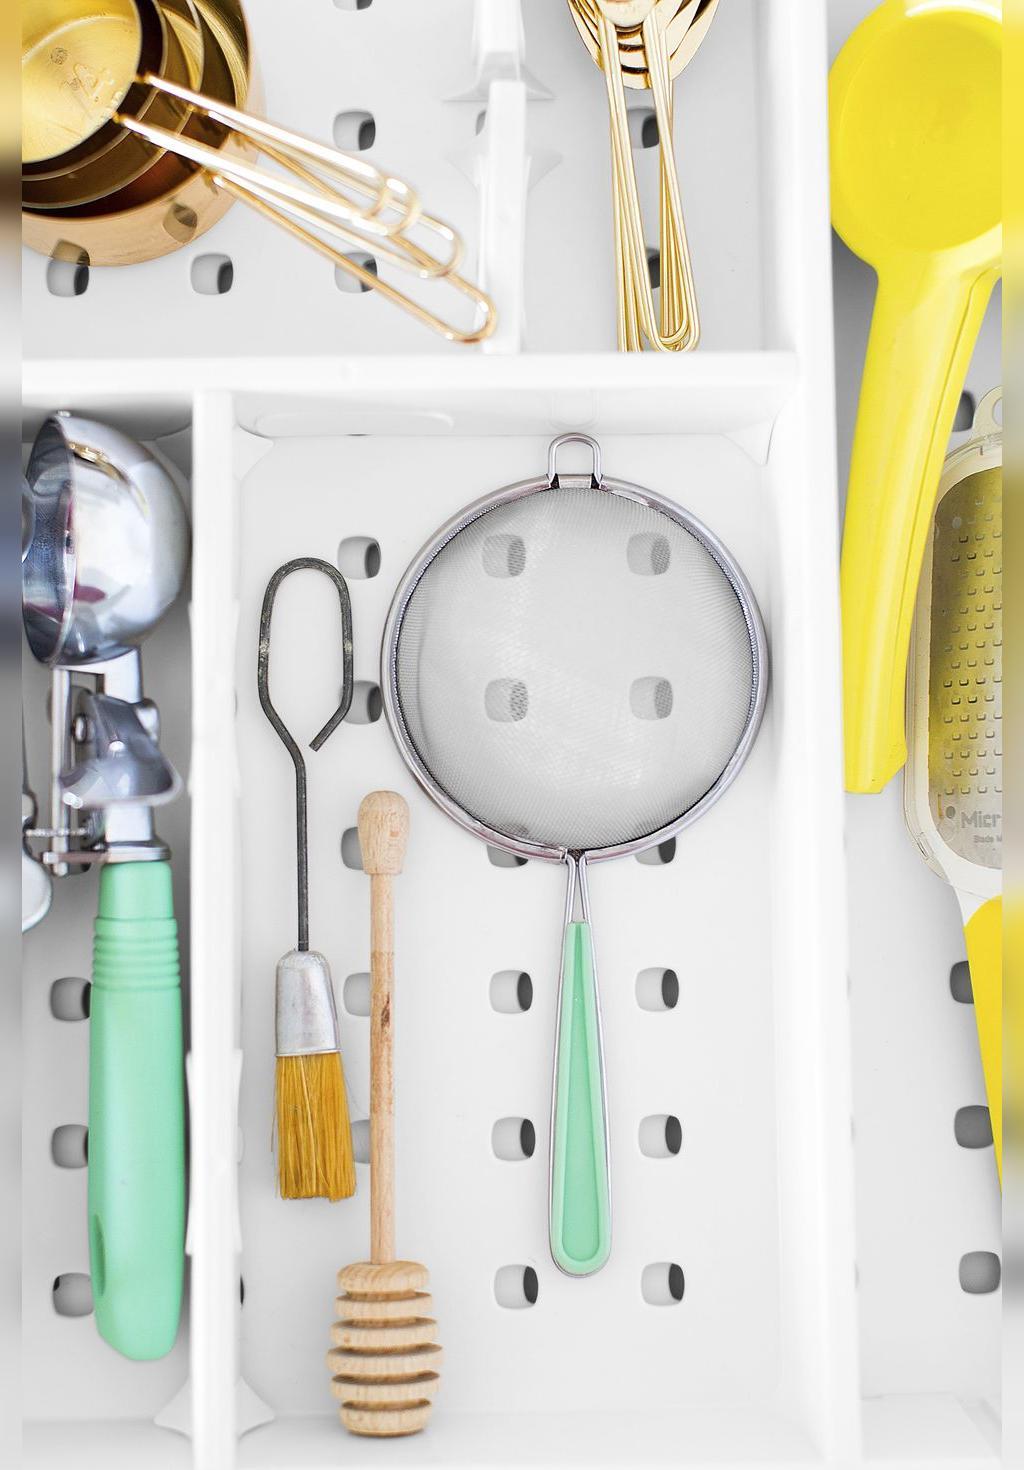 تقسیم کننده های کشو مفید برای آشپزخانه های کوچک